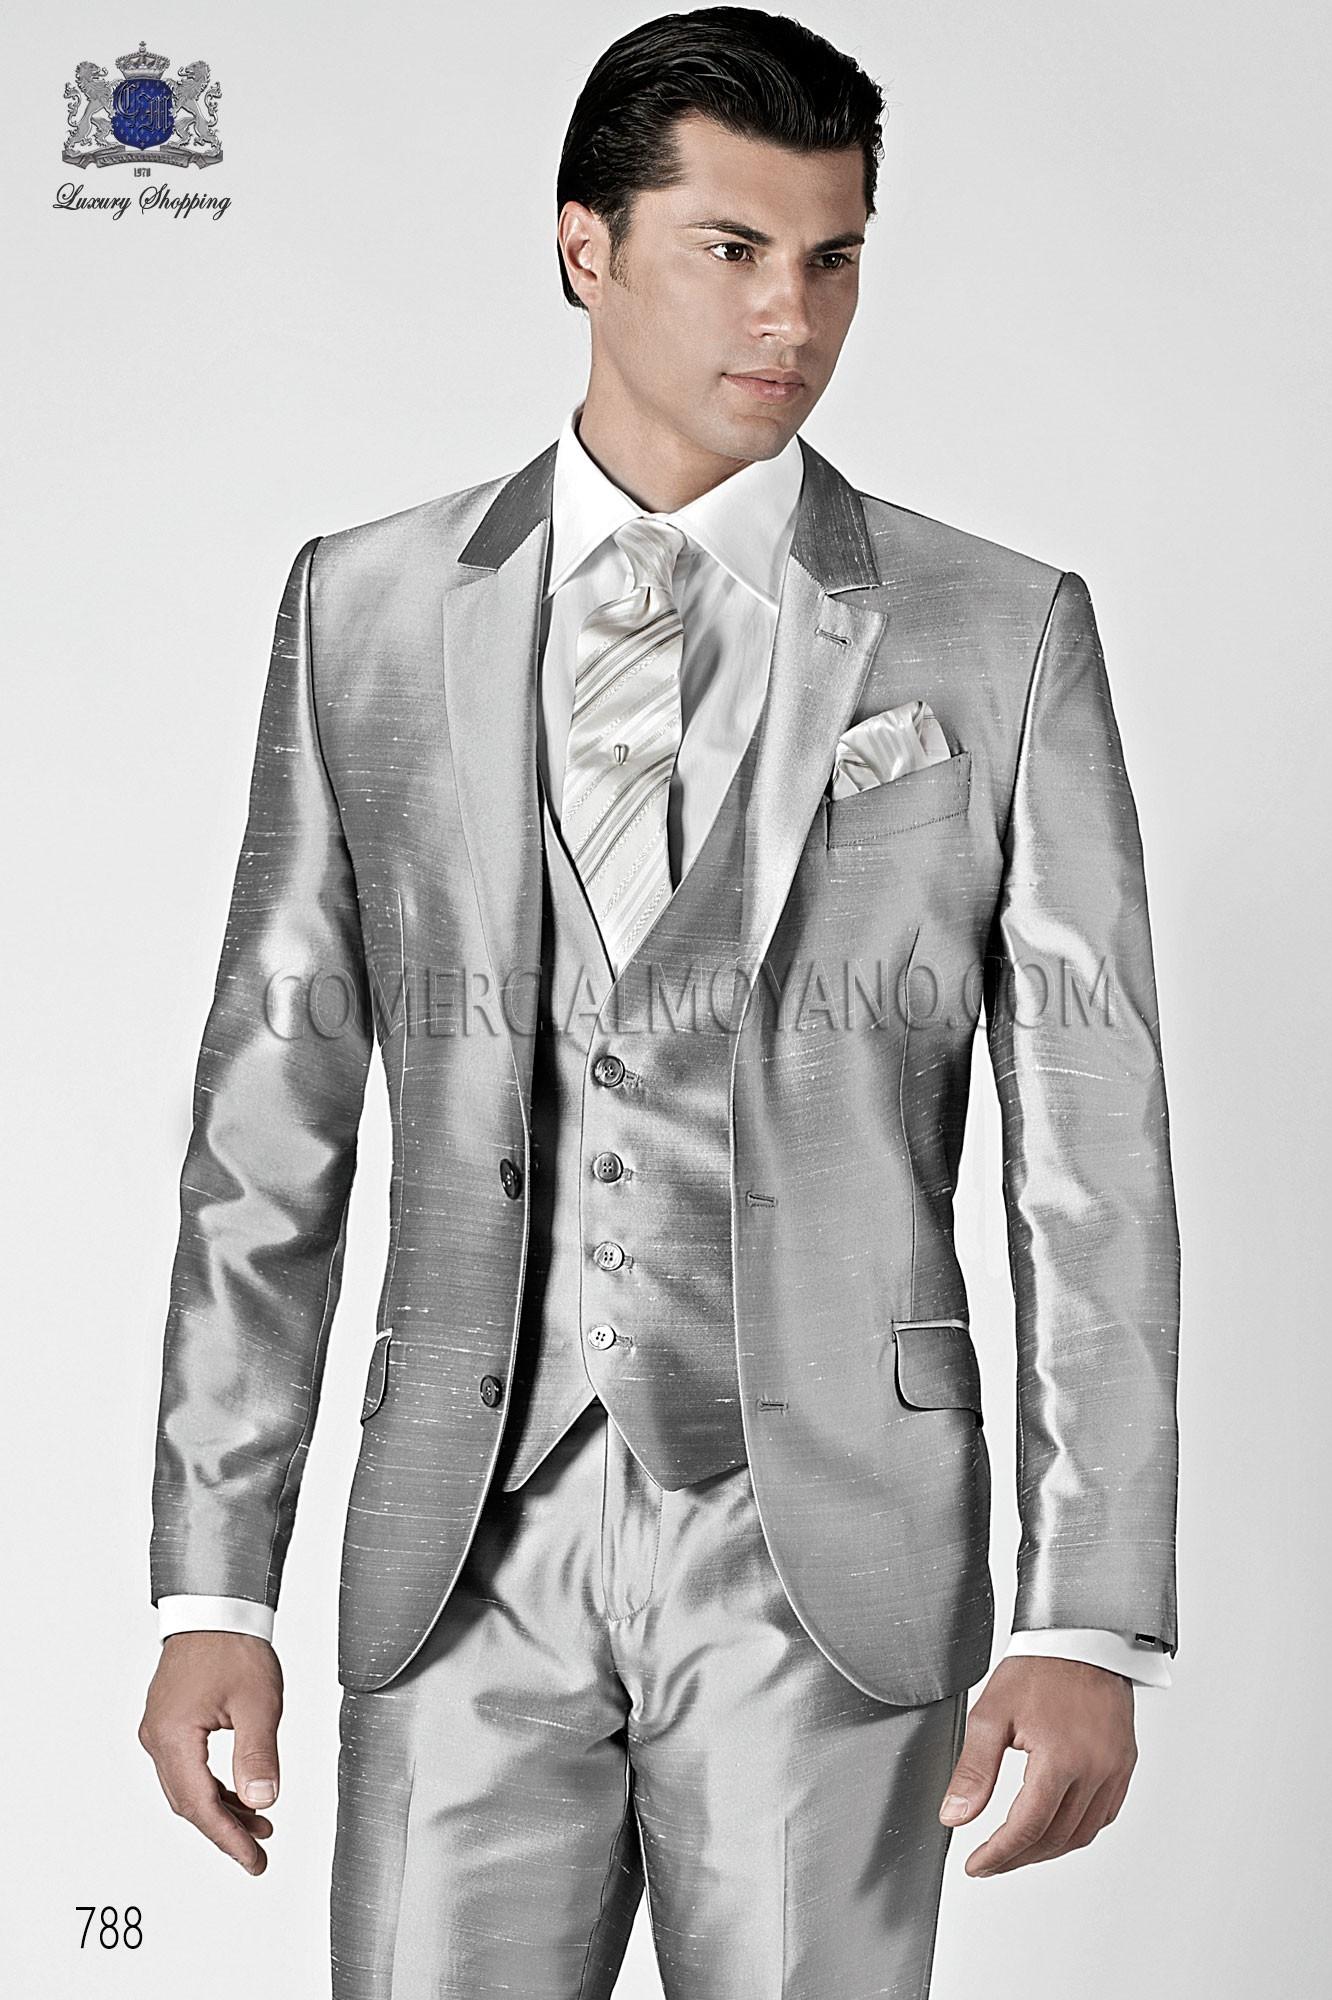 Traje de novio Hipster gris modelo: 788 Ottavio Nuccio Gala colección Hipster